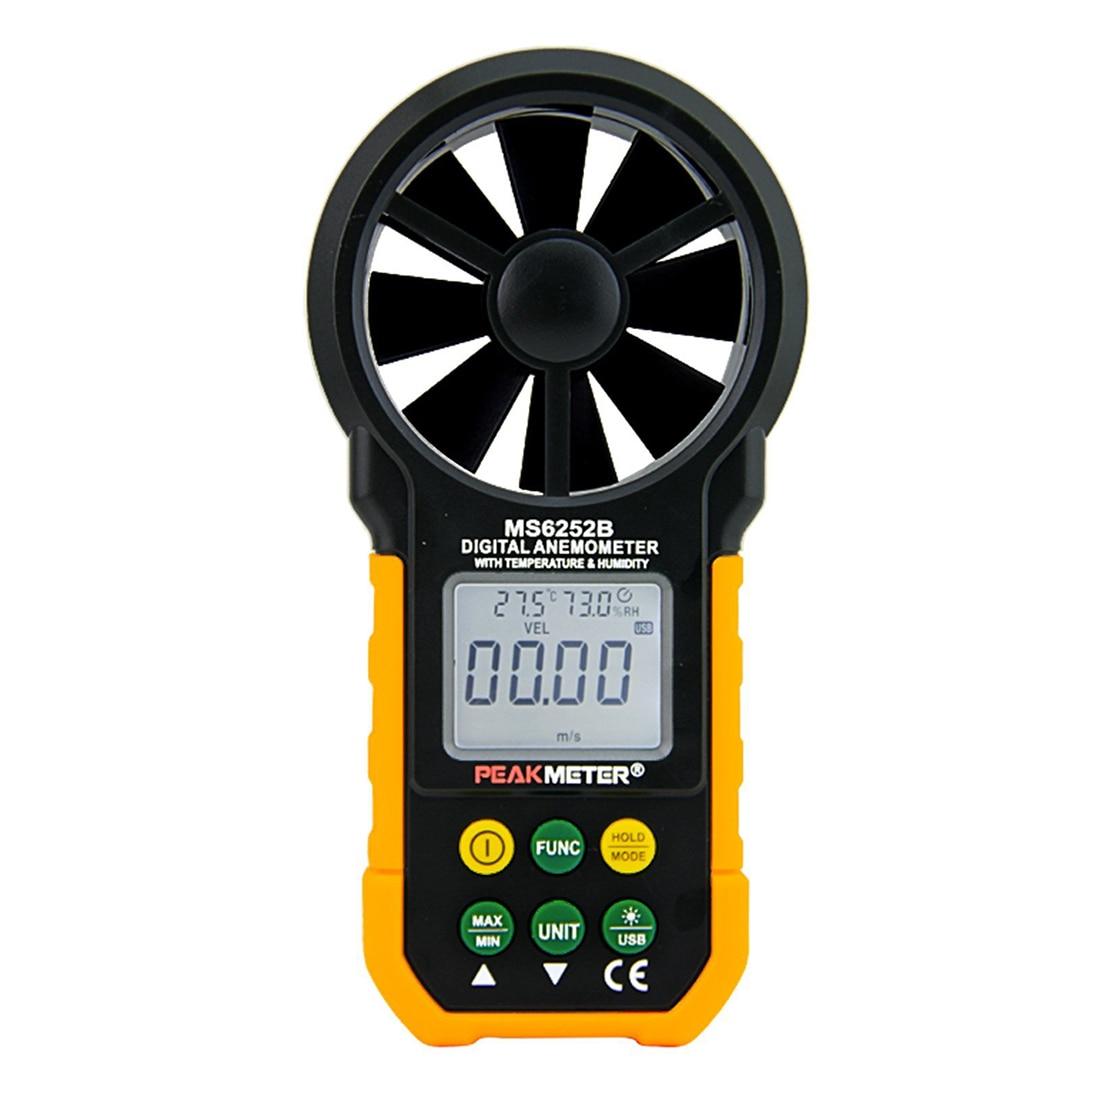 LIXF New PEAKMETER MS6252B USB Digital Anemometer Air Flow Tester Meter peakmeter ms6252b digital anemometer air speed velocity air flow meter with air temperature humidity rh usb port